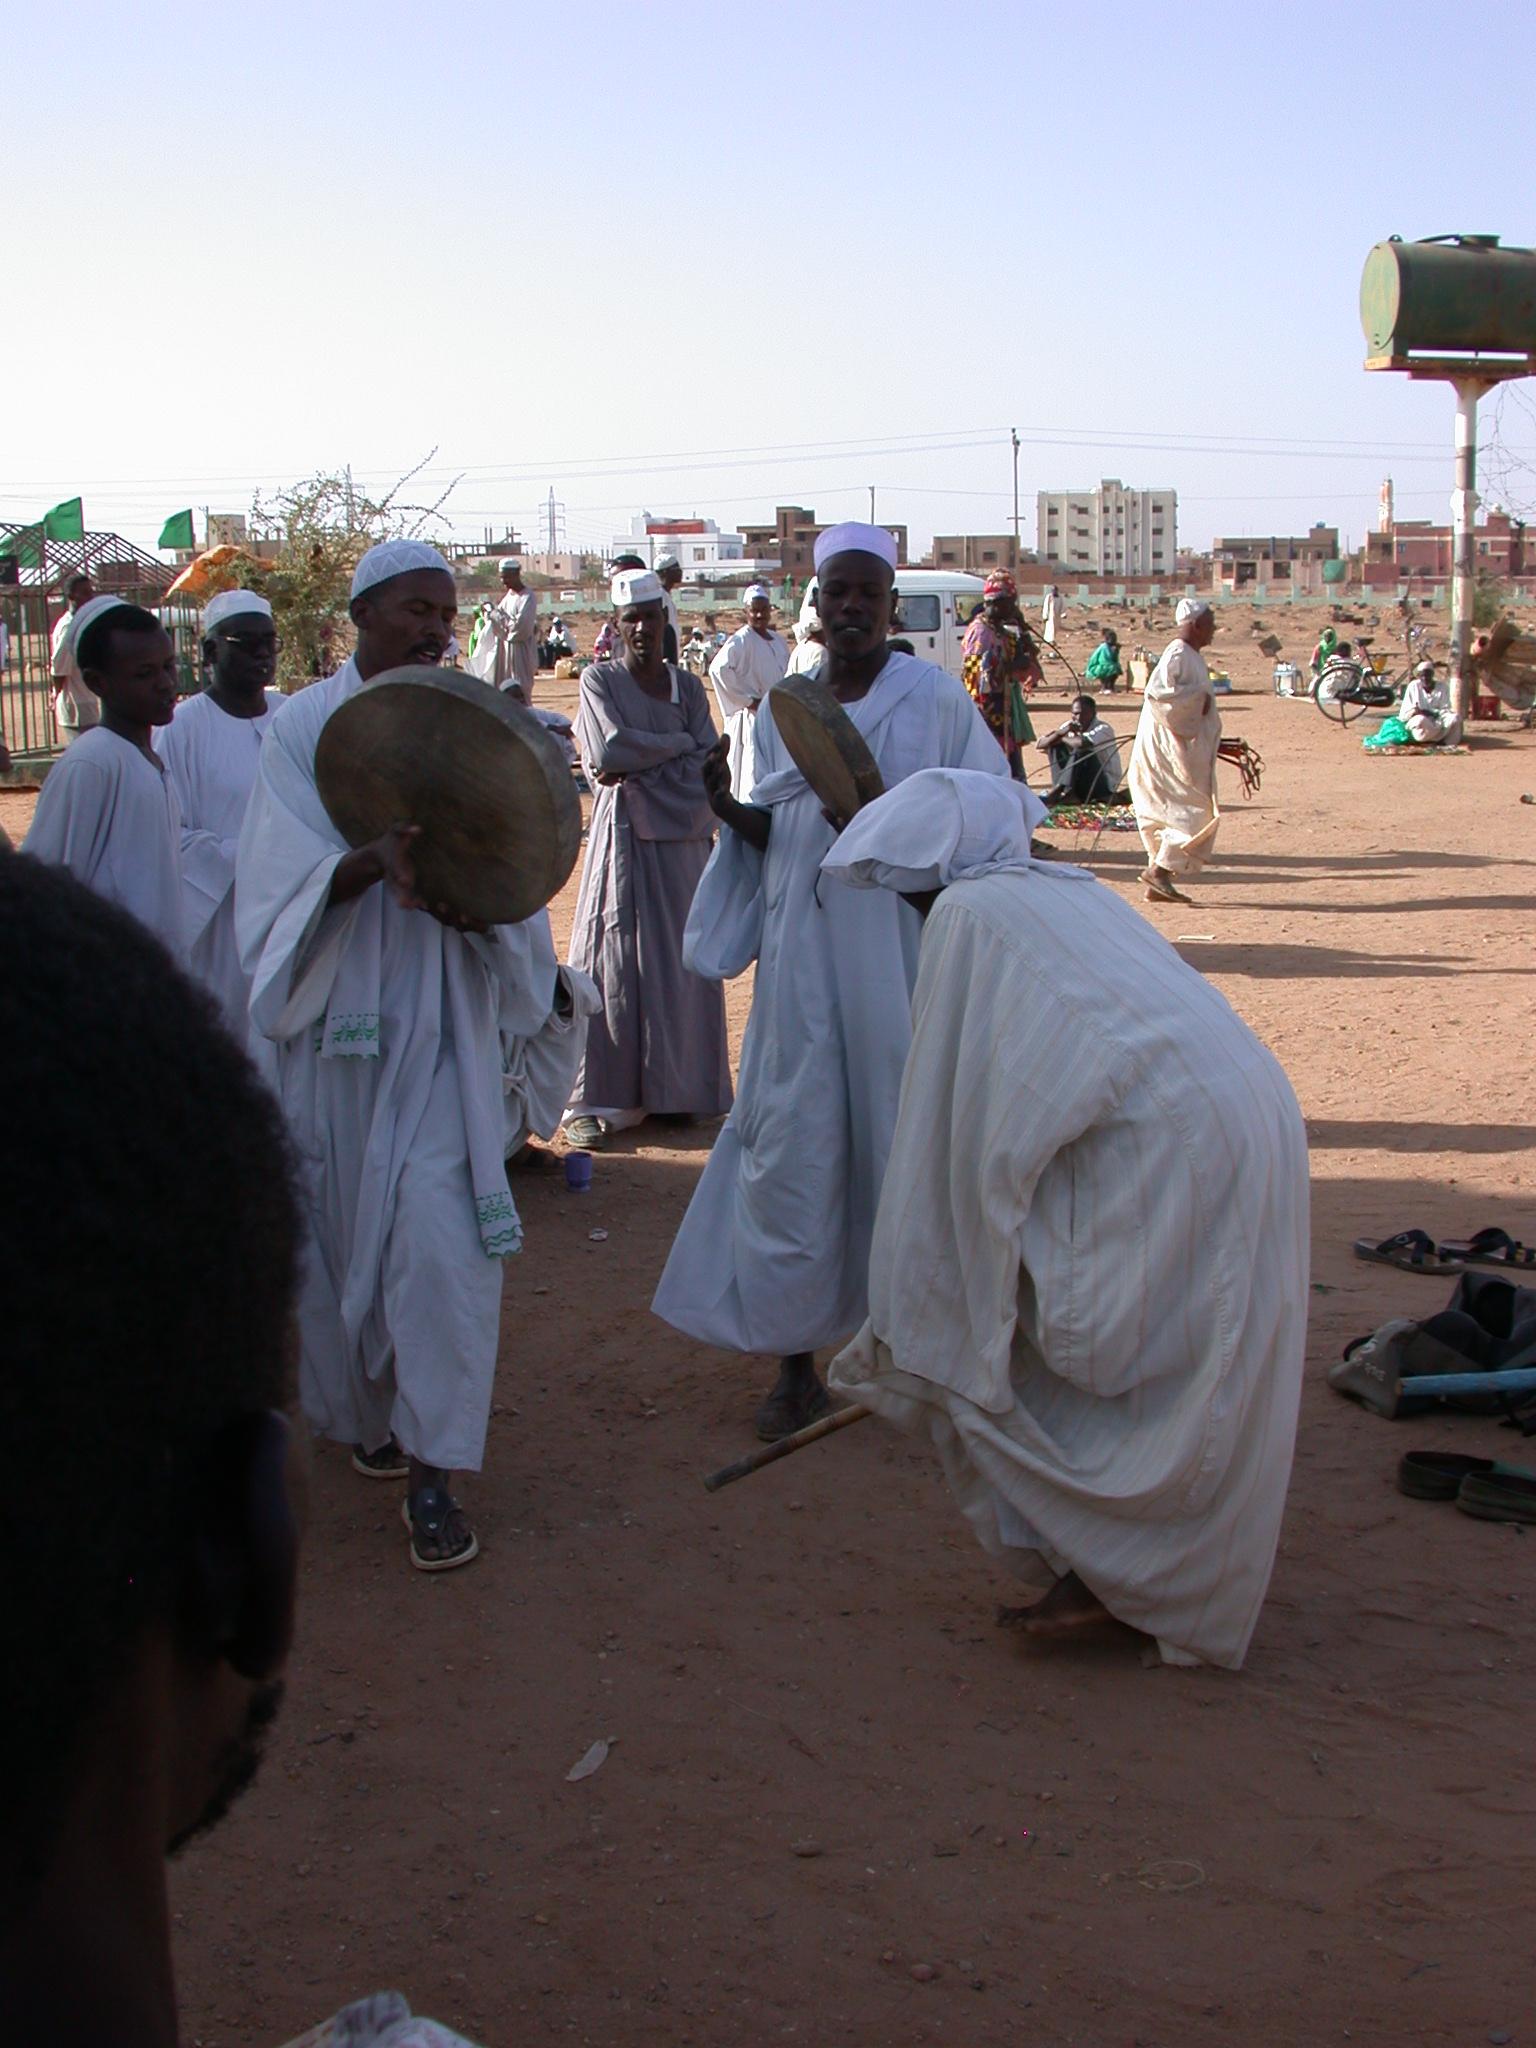 Drummers at Sufi Dancing Site, Omdurman, Sudan